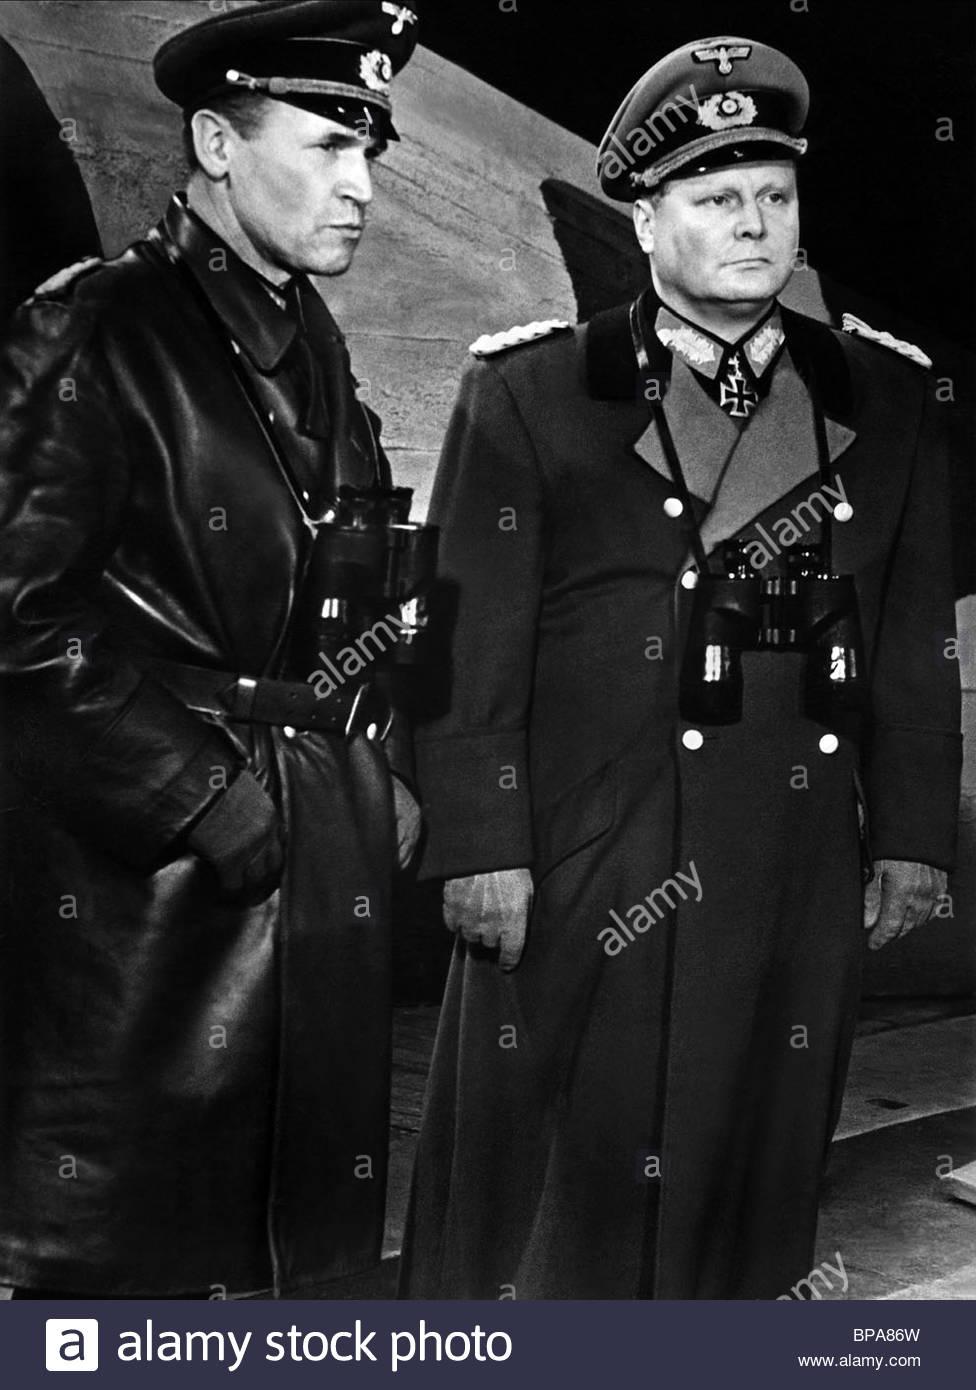 WOLFGANG PREISS & ERNST SCHRODER THE LONGEST DAY (1962)